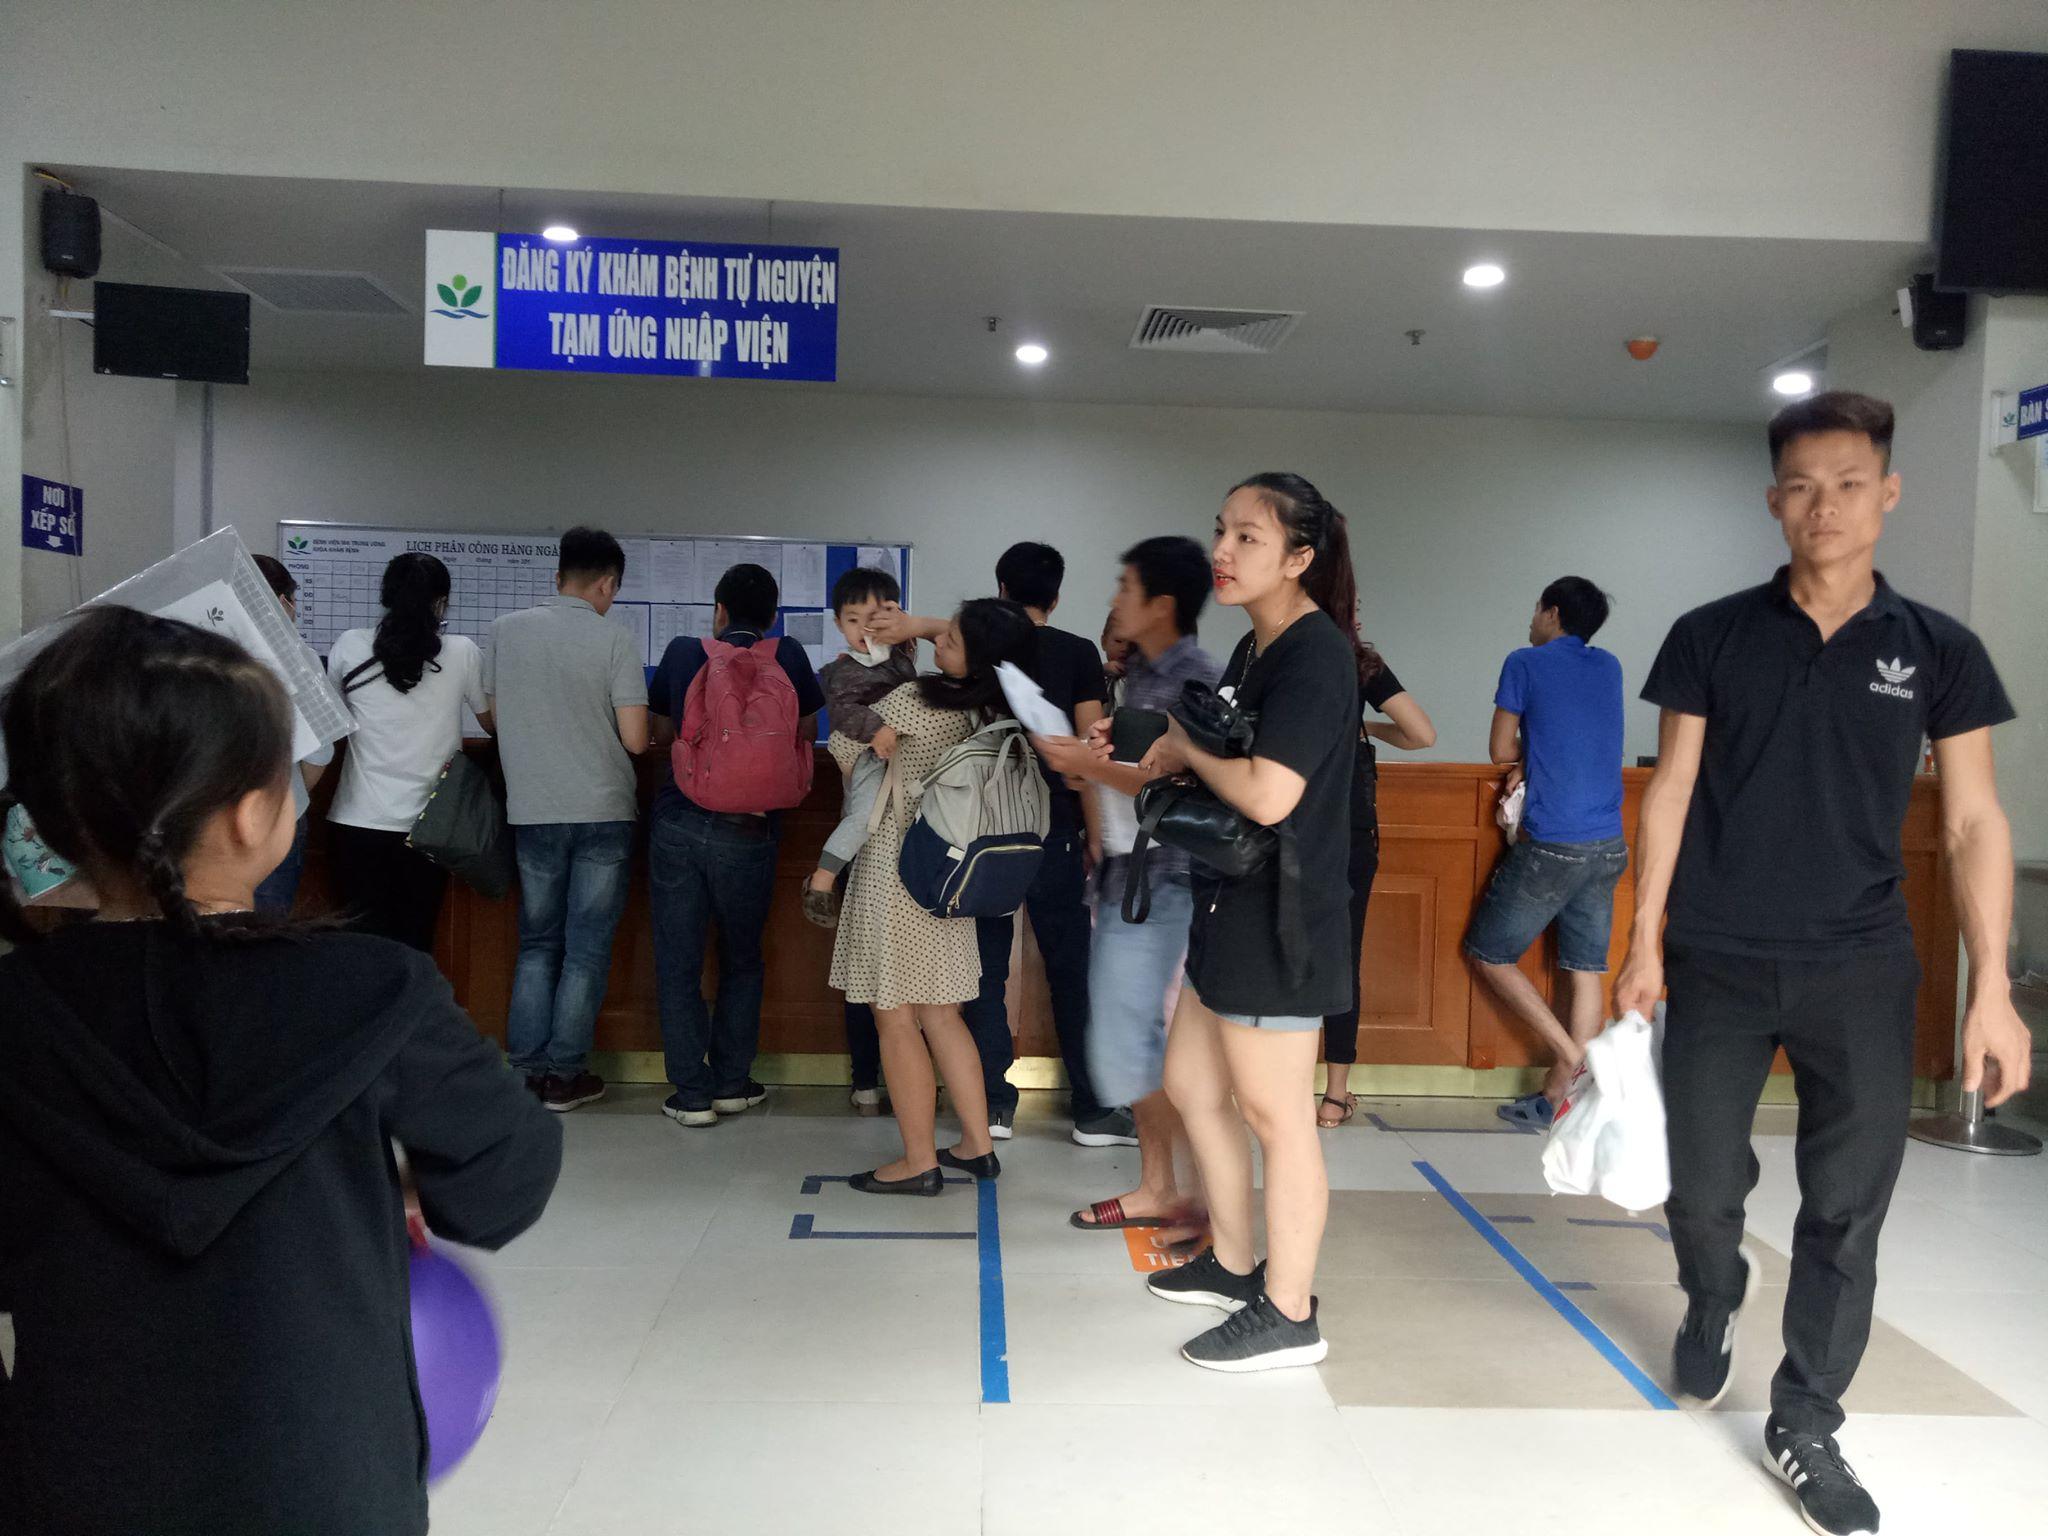 Hà Nội: Bệnh cúm tăng bất thường, sởi có nguy cơ bùng phát